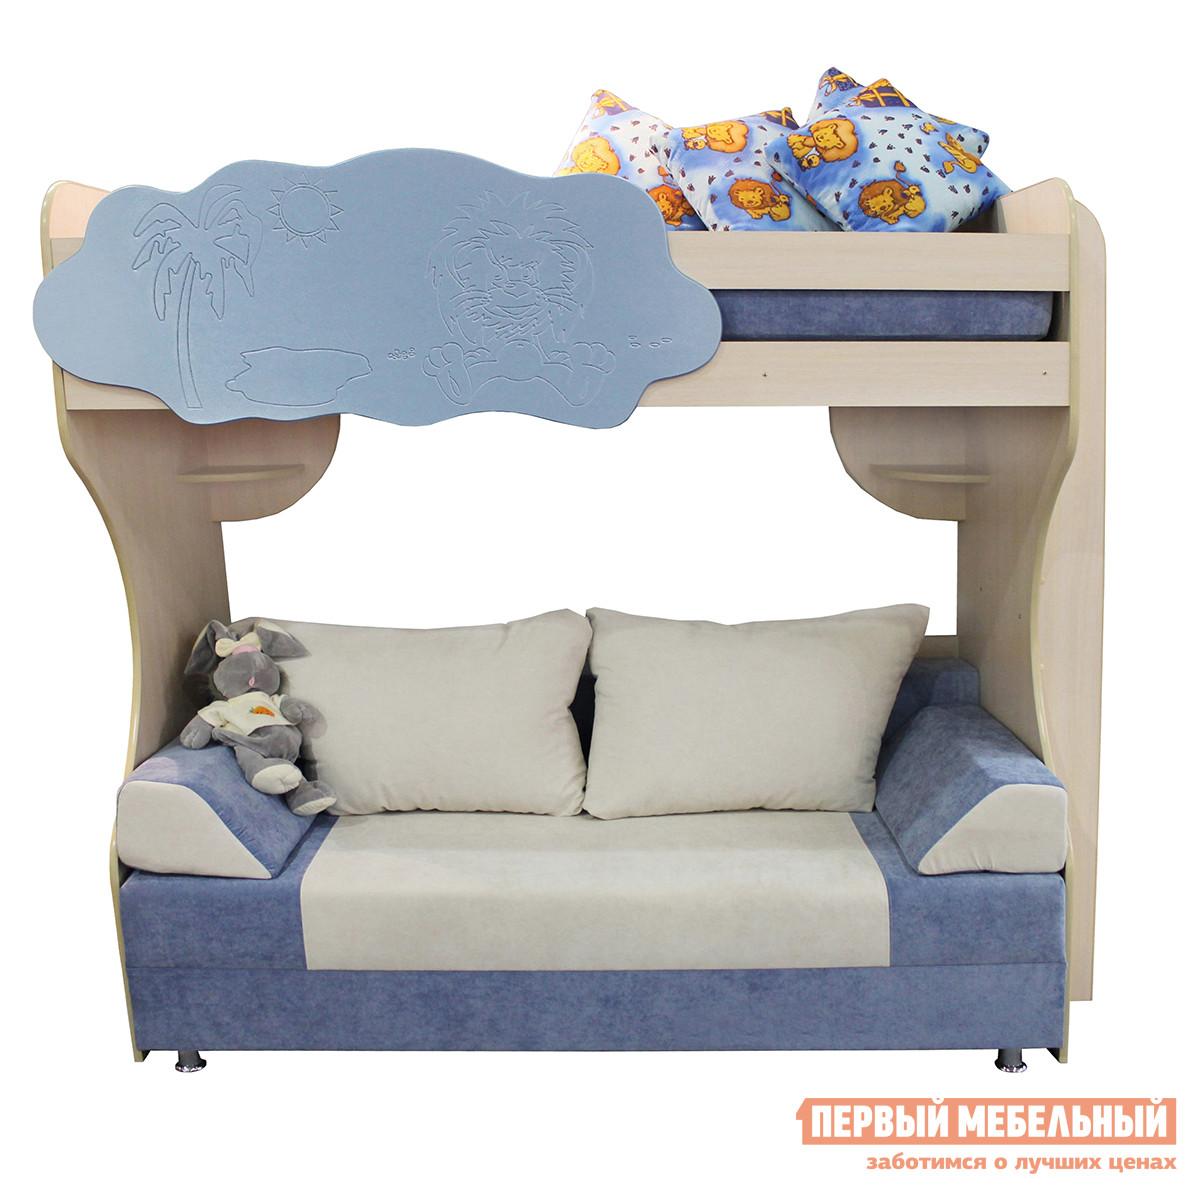 Детская двухъярусная кровать-чердак с диваном внизу Мебель-Холдинг Двухъярусная кровать с диваном Еврокнижка детская мебель